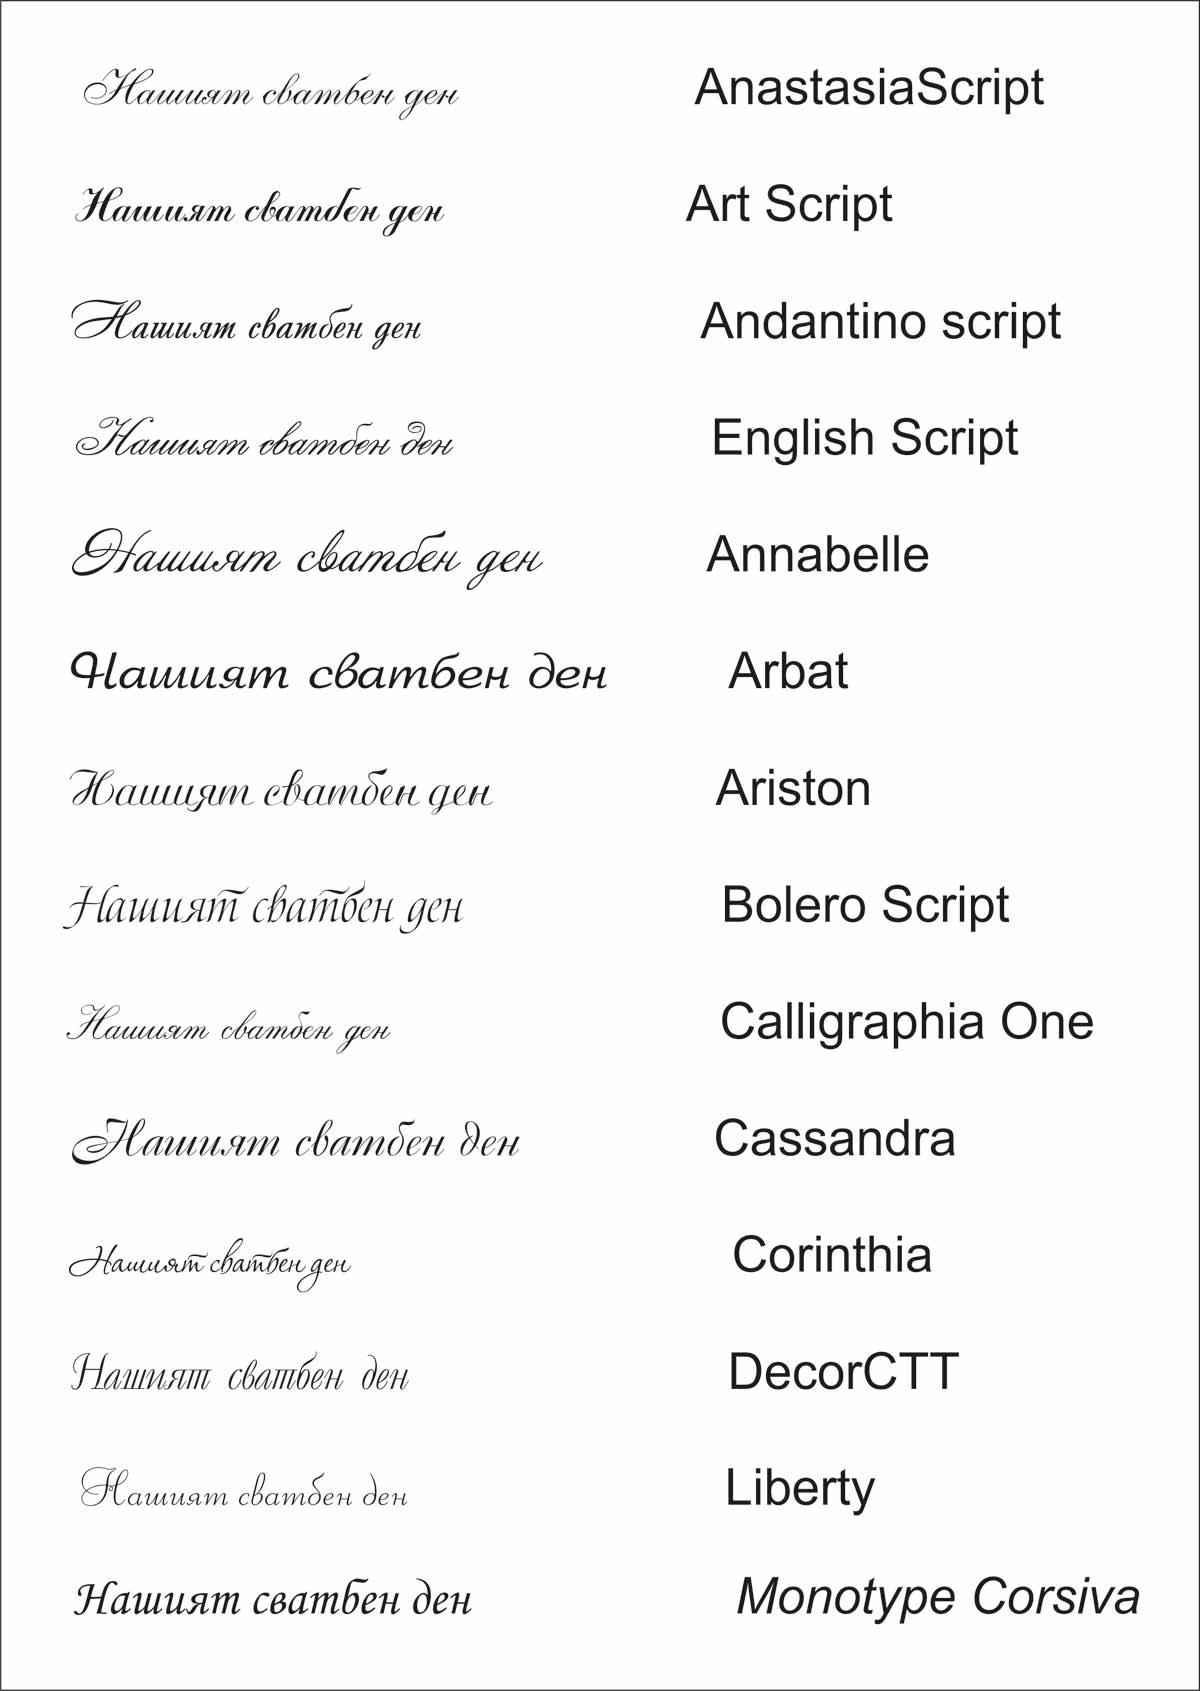 Това са шрифтовете с които работим. Натиснете въхру тях за да се отворят на голям екран.